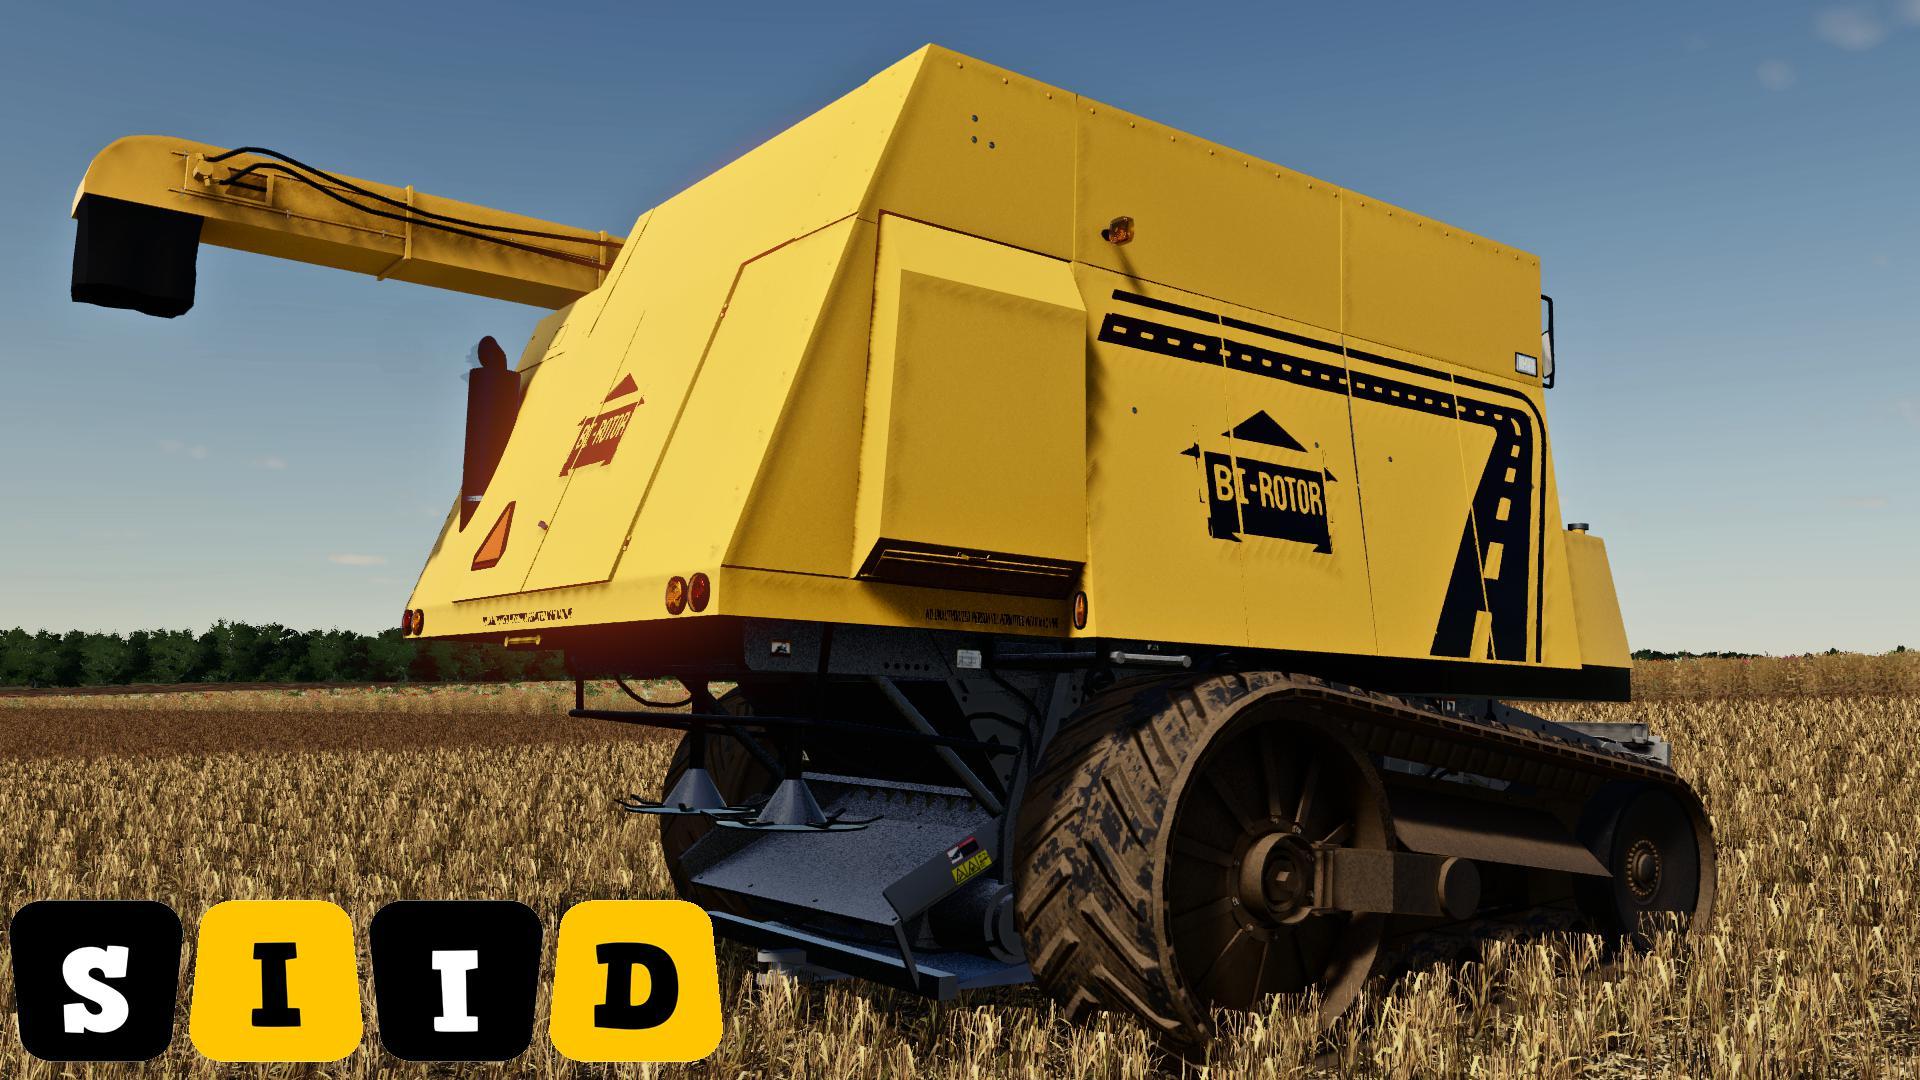 FS19 - Bi-Rotor XBR2 Harvester Mod V1.0